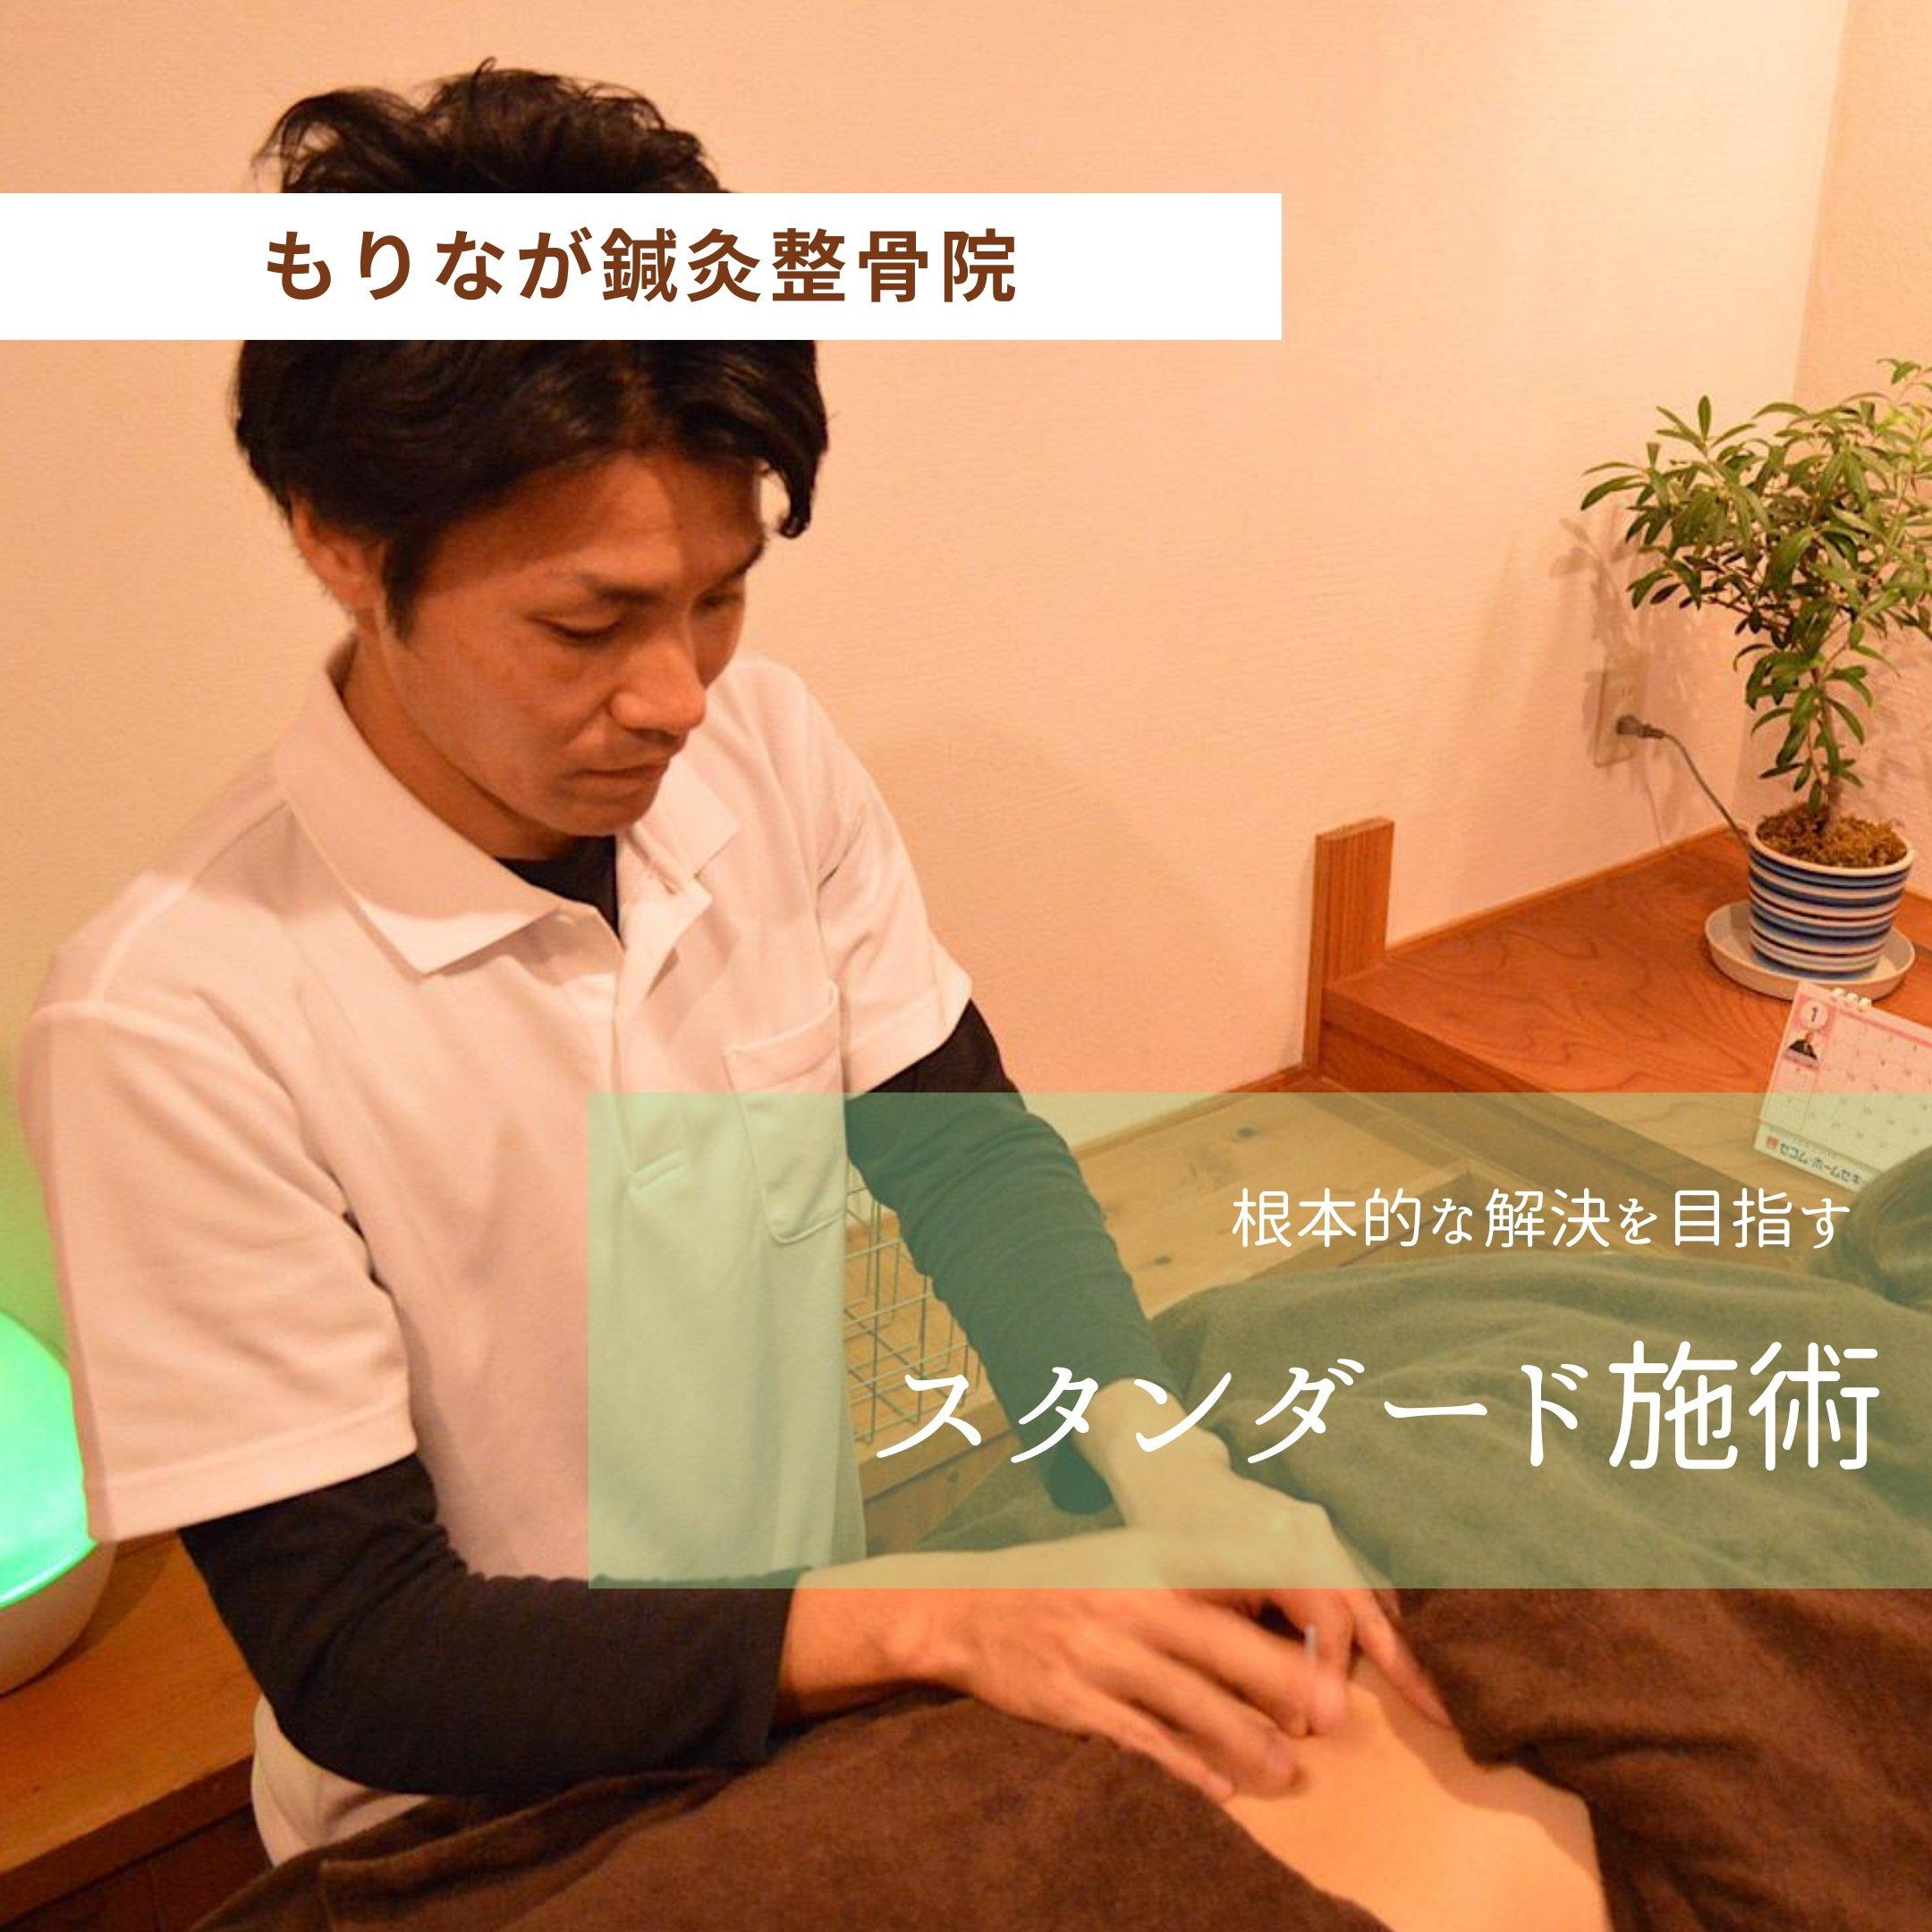 【スタンダード施術】鍼灸・整体・電気治療でトータル的にアプローチ!からだ本来の機能を取り戻すのイメージその1